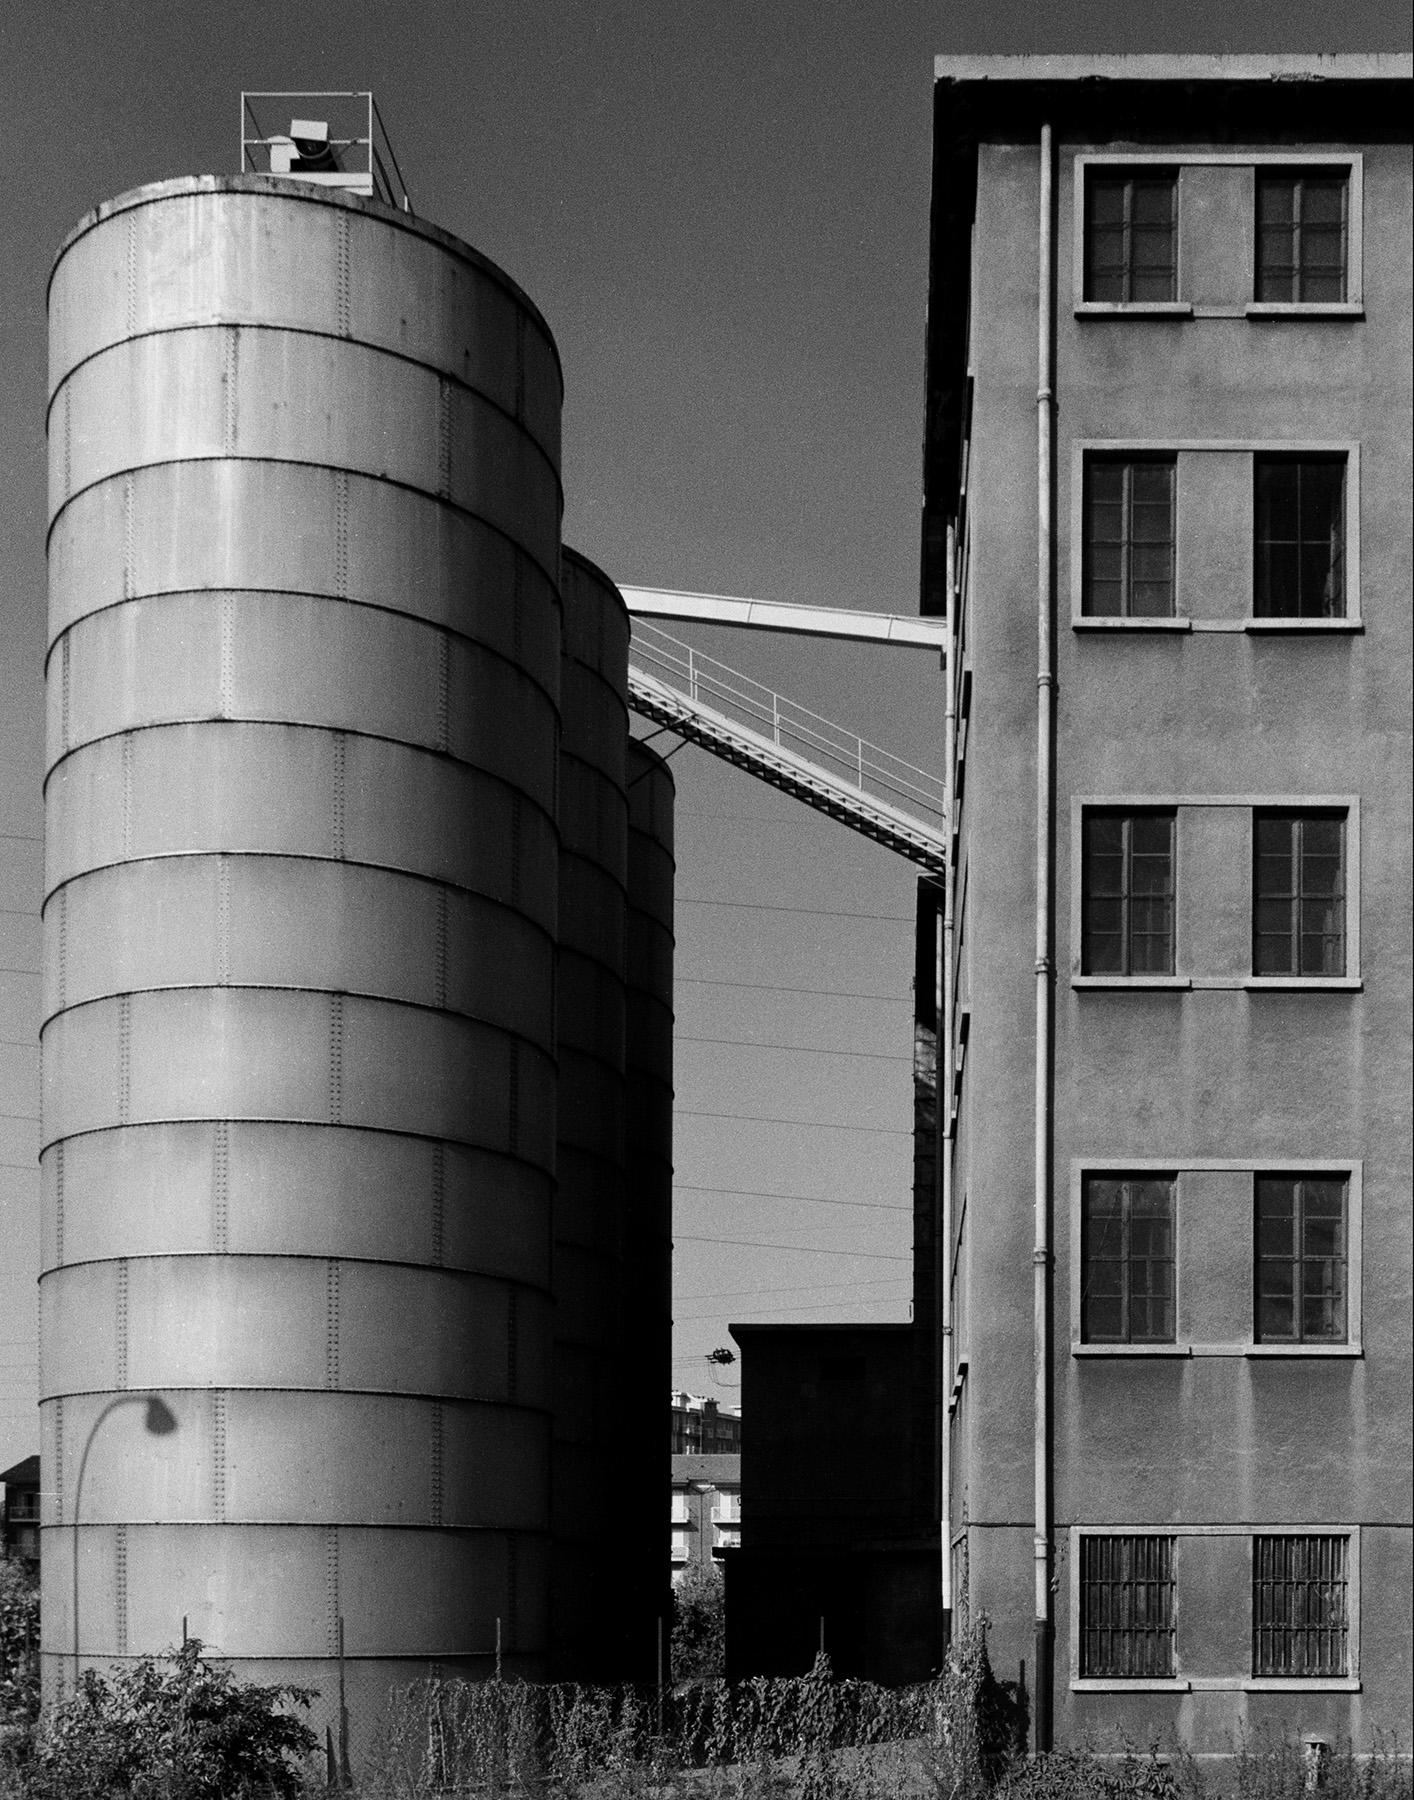 Cattedrali Industriali - Mostra di Fotografia